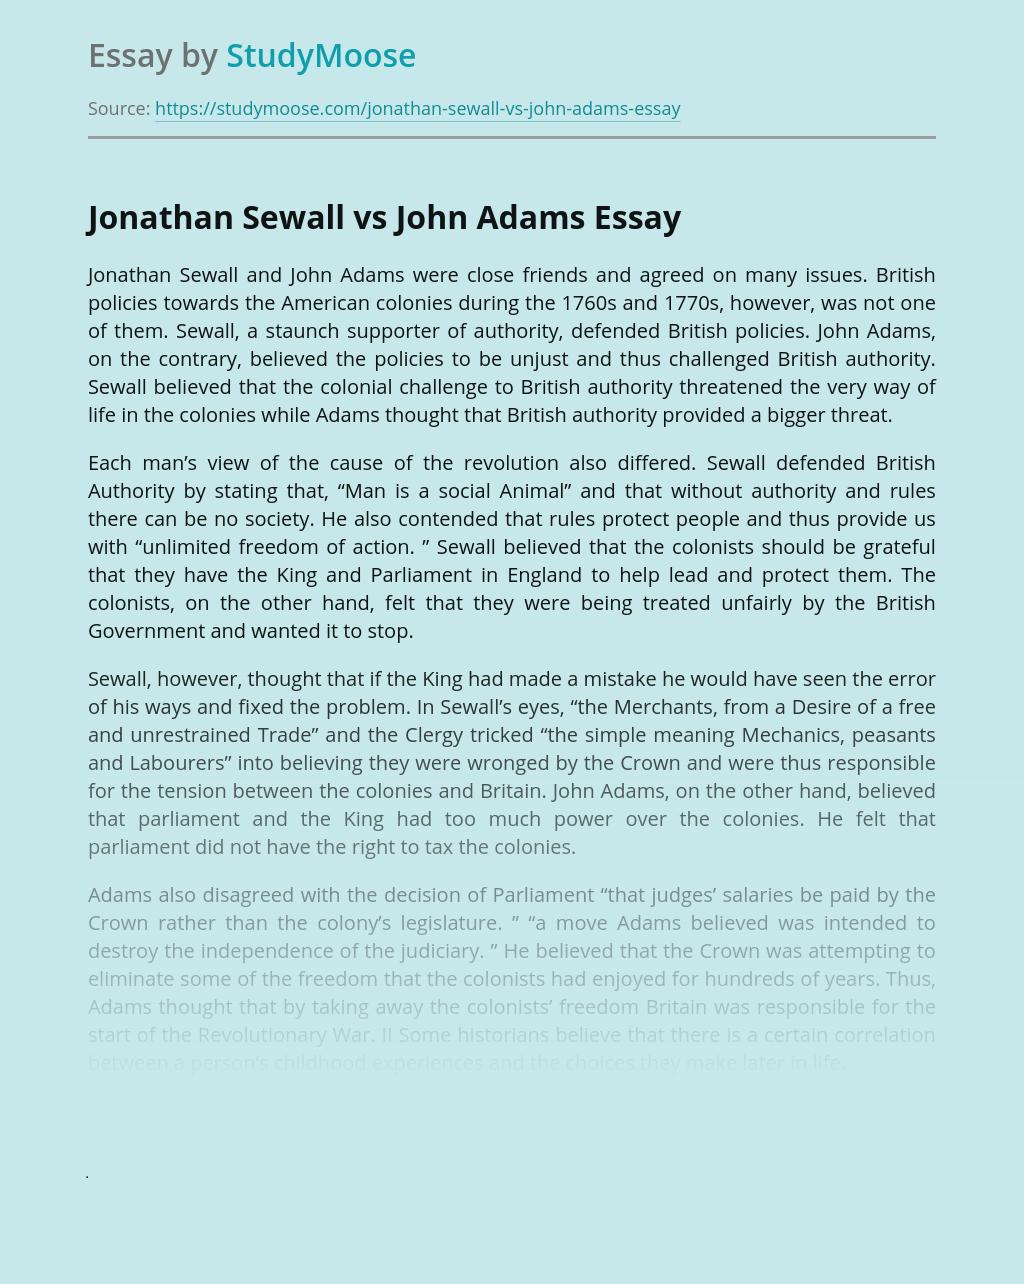 Jonathan Sewall vs John Adams